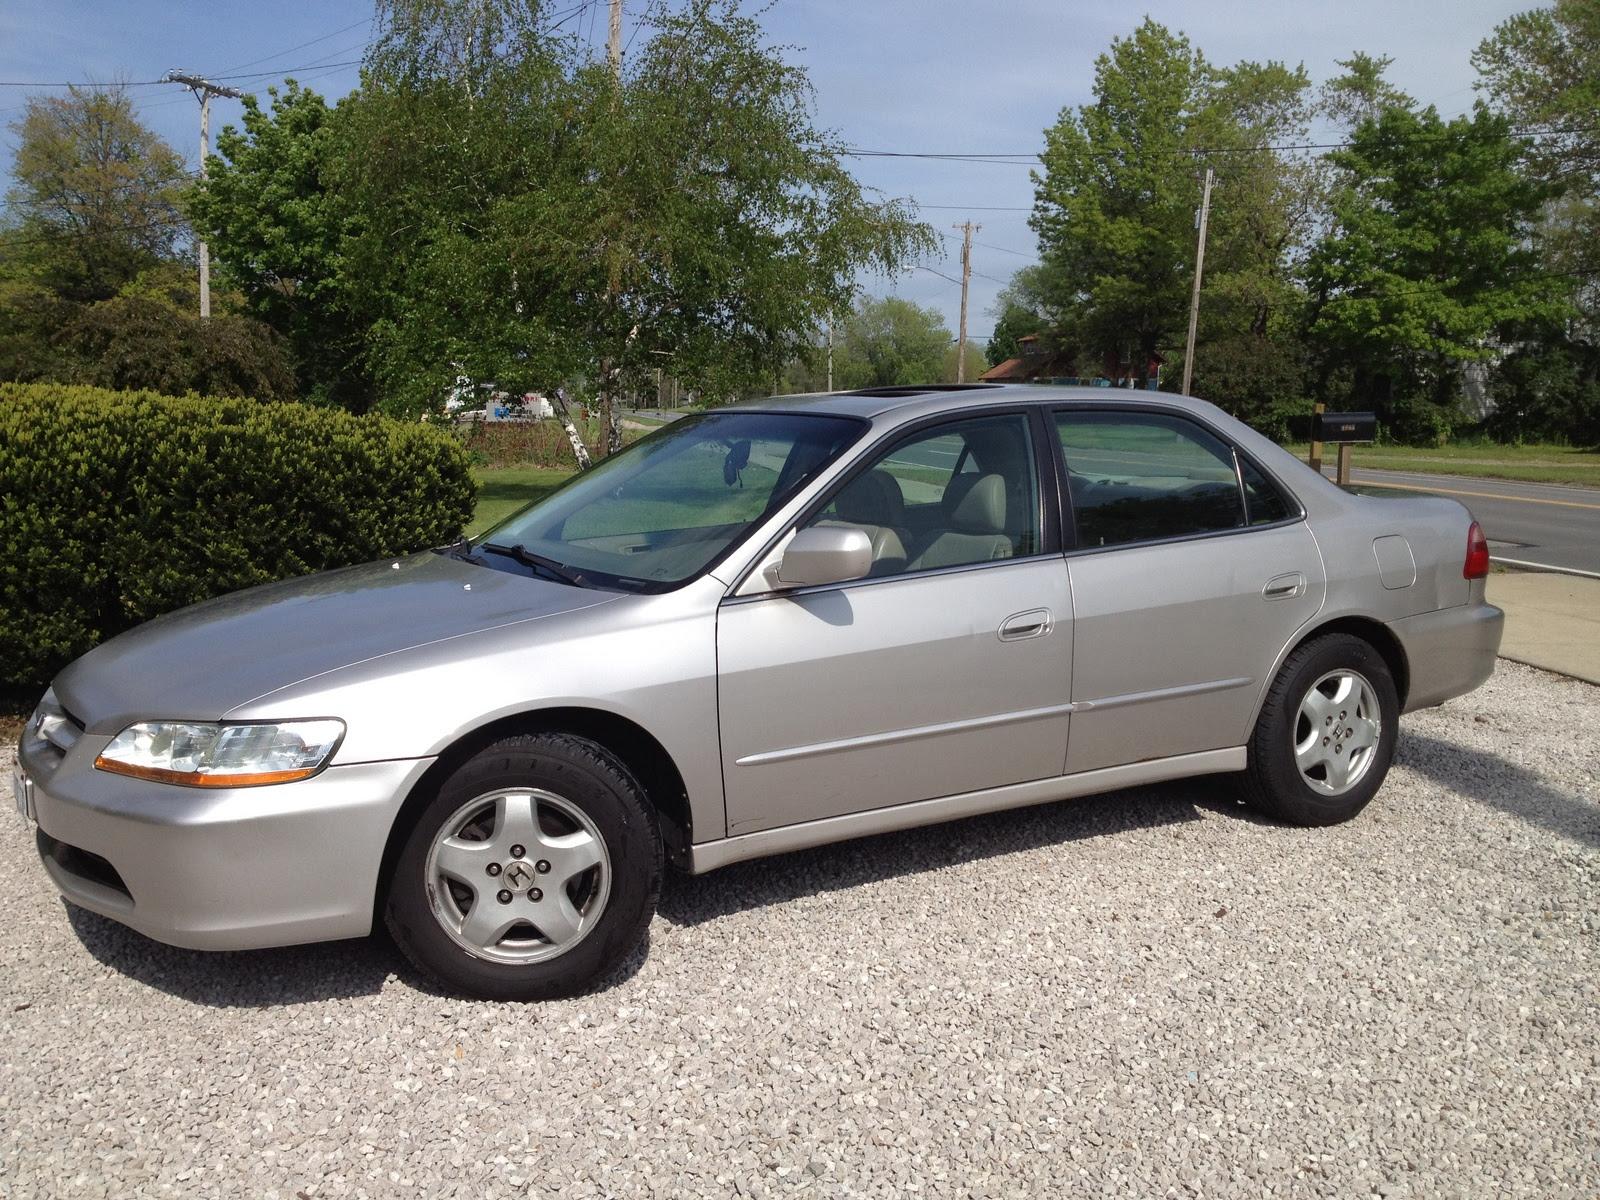 1999 Honda Accord Information And Photos Momentcar